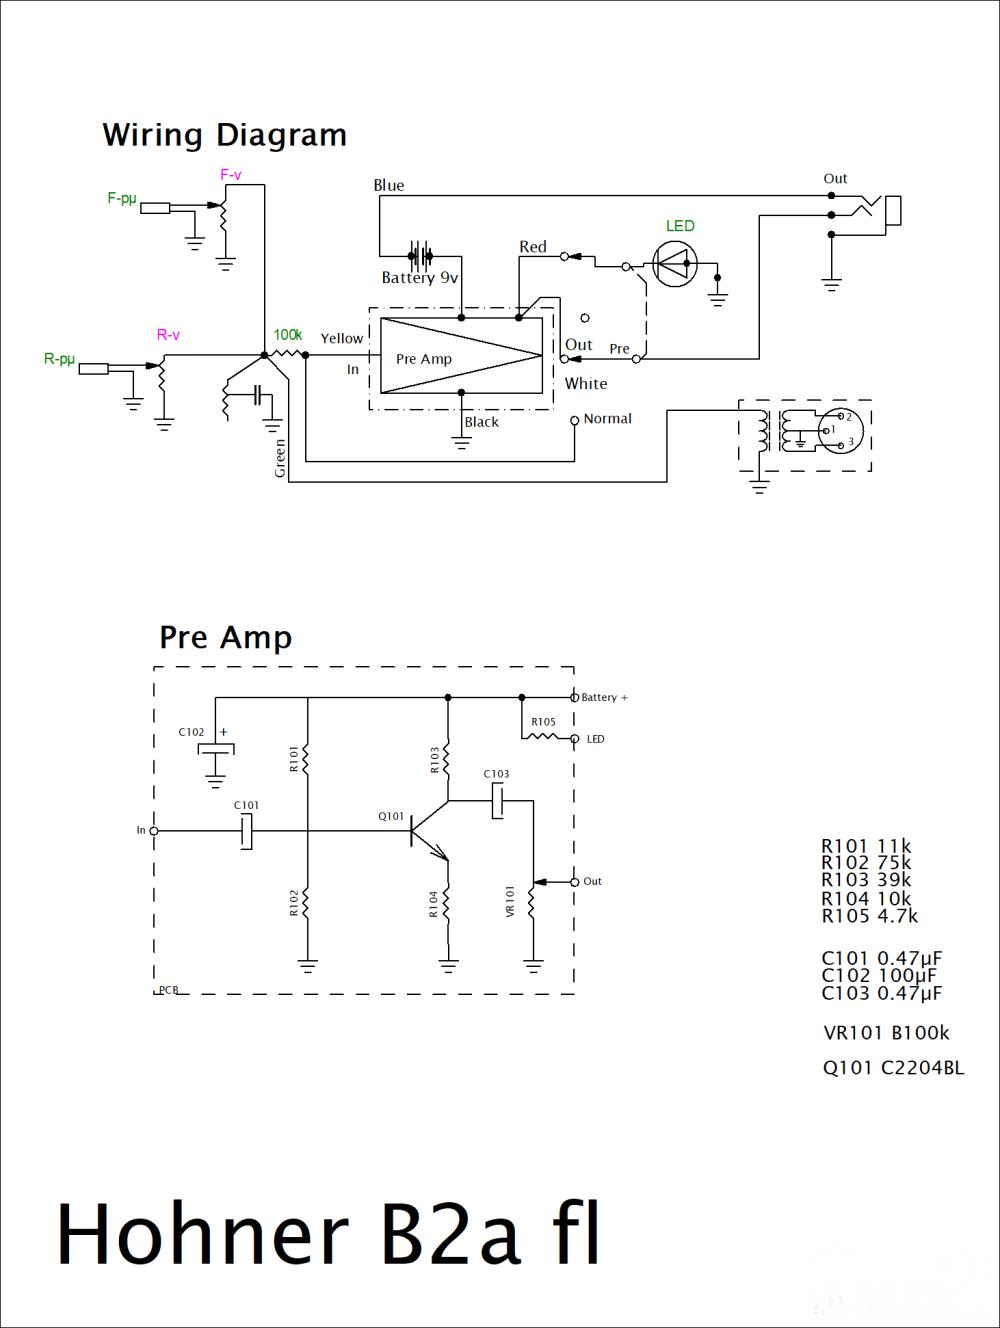 medium resolution of hohner b2a fl wiring diagram elliott herrera feb 8 2019